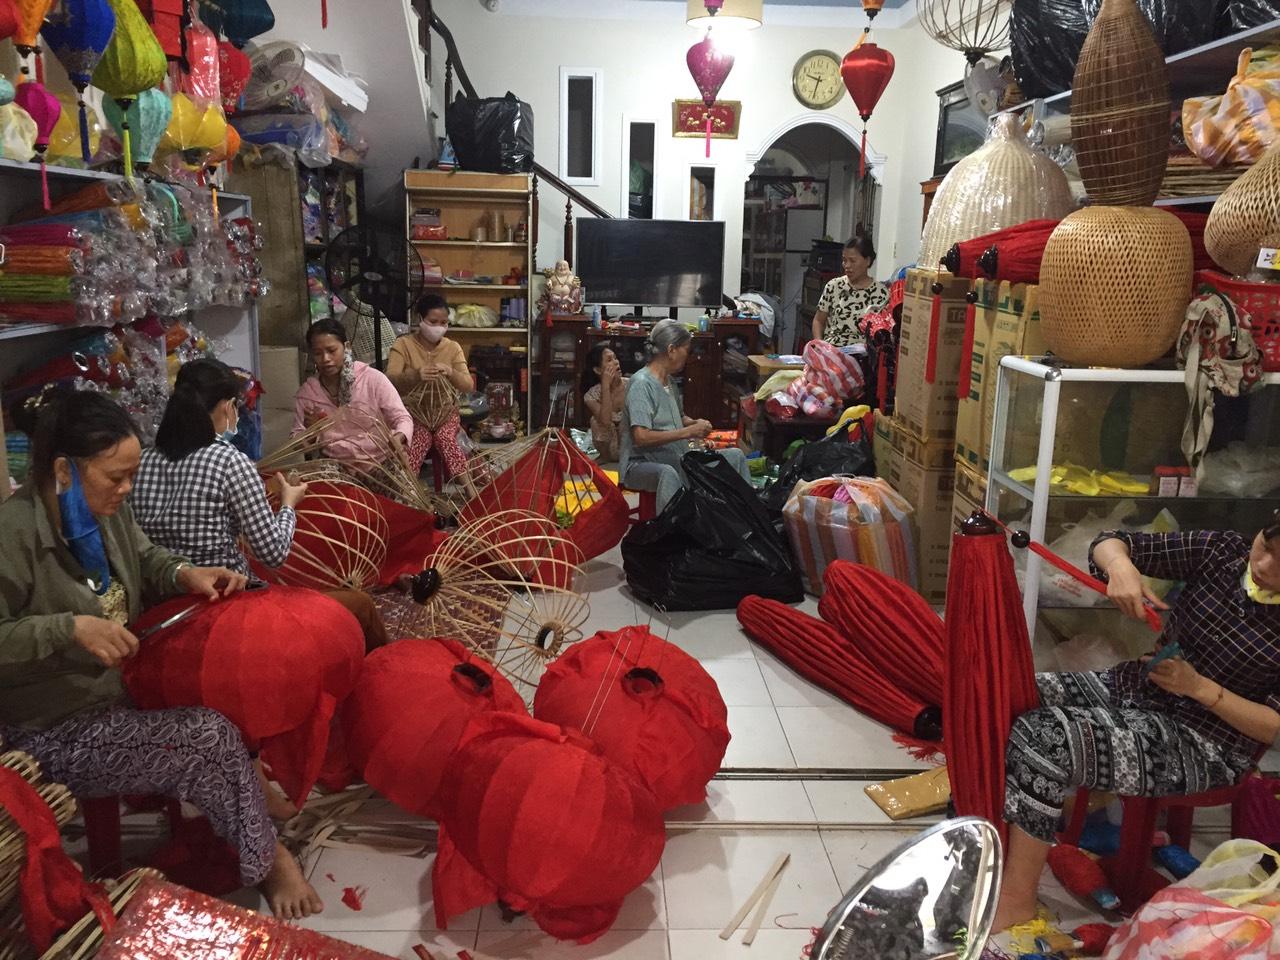 Liên hệ Đèn lồng Việt | Đèn lồng Hội An